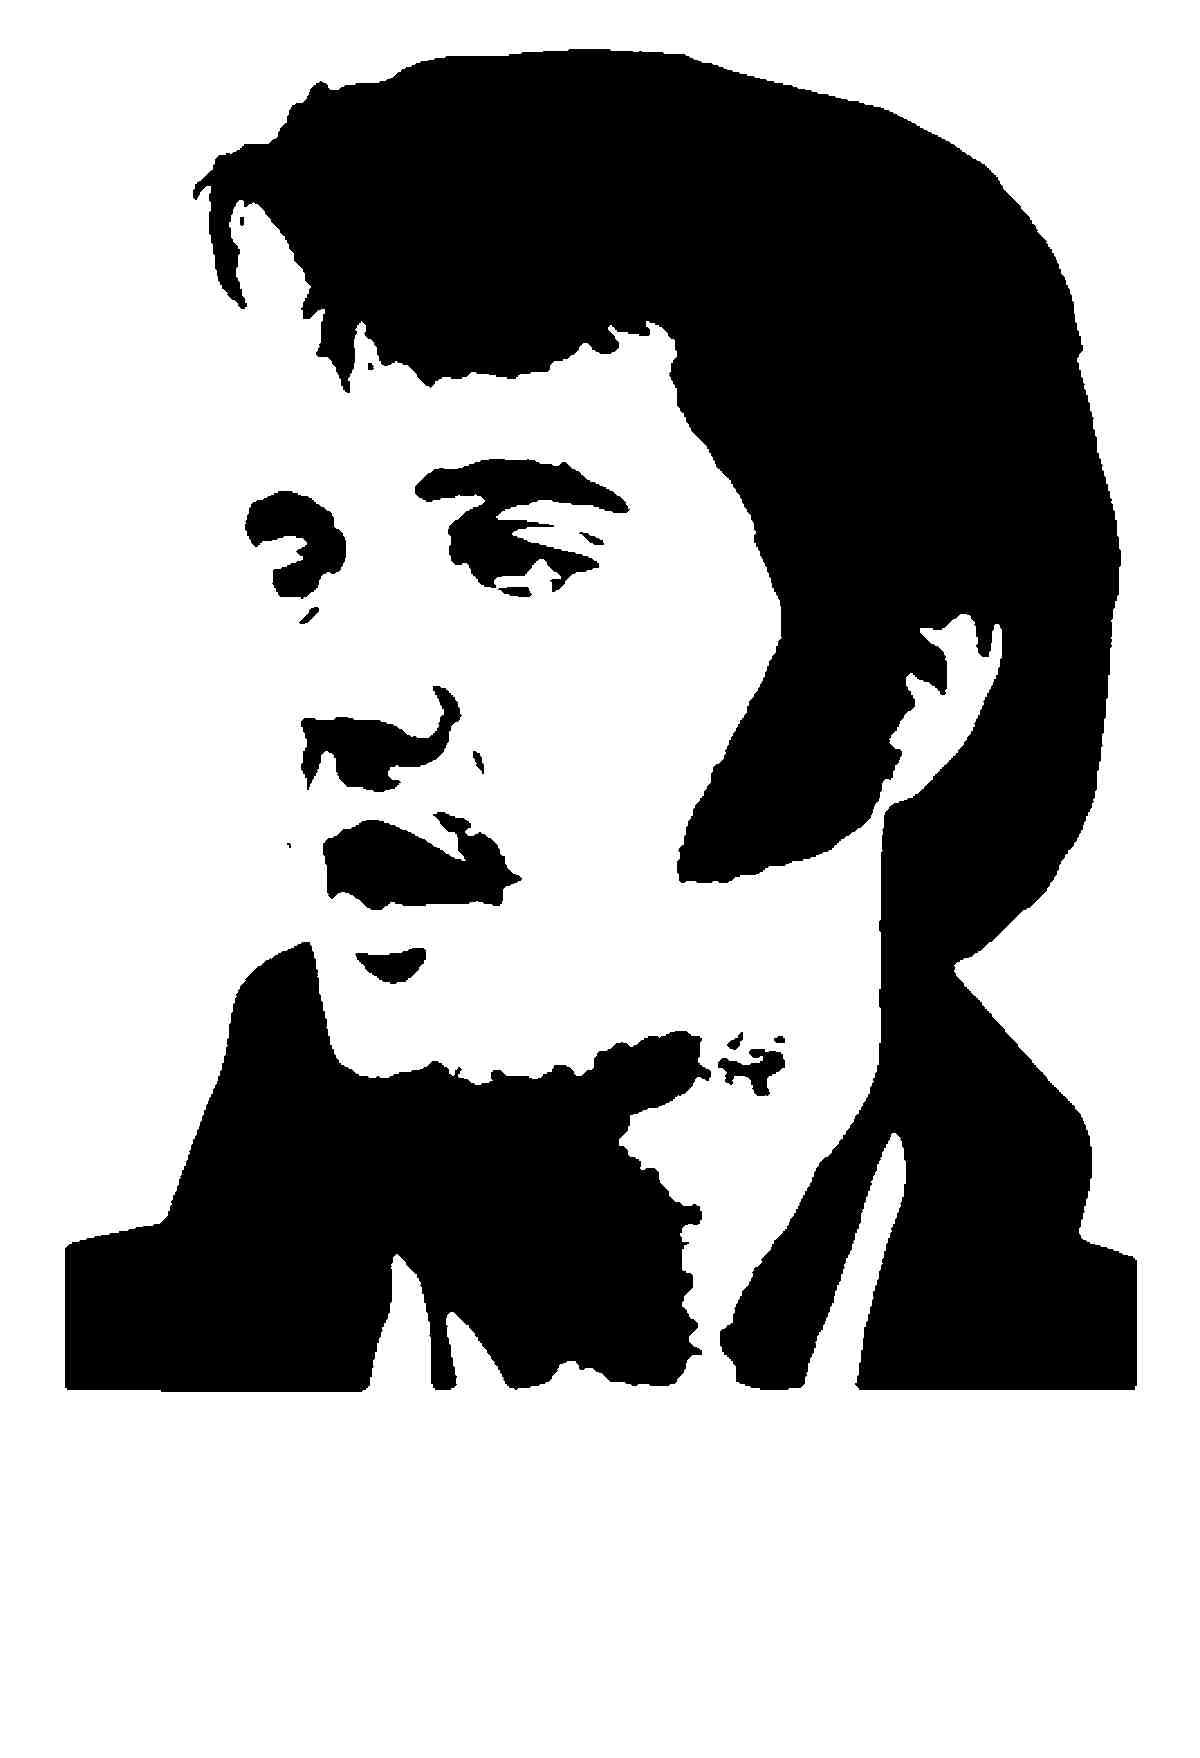 1200x1758 Fan Art Of Silhouette For Fans Of Elvis Presley. Clipart